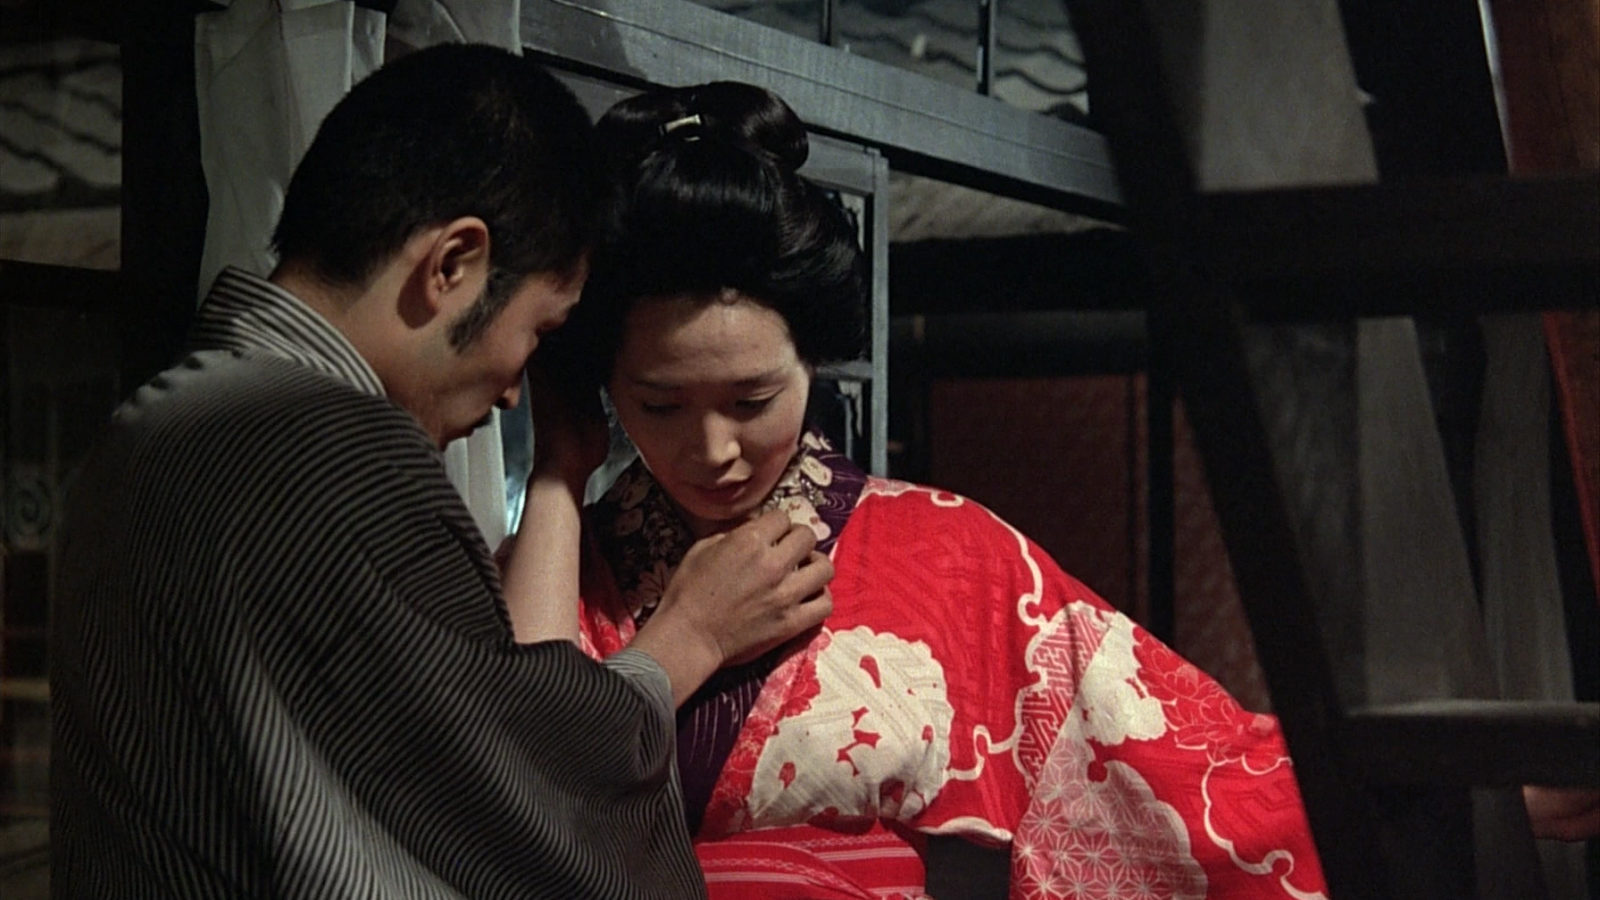 Phim Nhật có cảnh sex thật 100% đã cắt xén hơn 6 phút để né lệnh cấm, vậy  mà ngoan cố giữ lại 1 phân đoạn phản cảm tột độ?